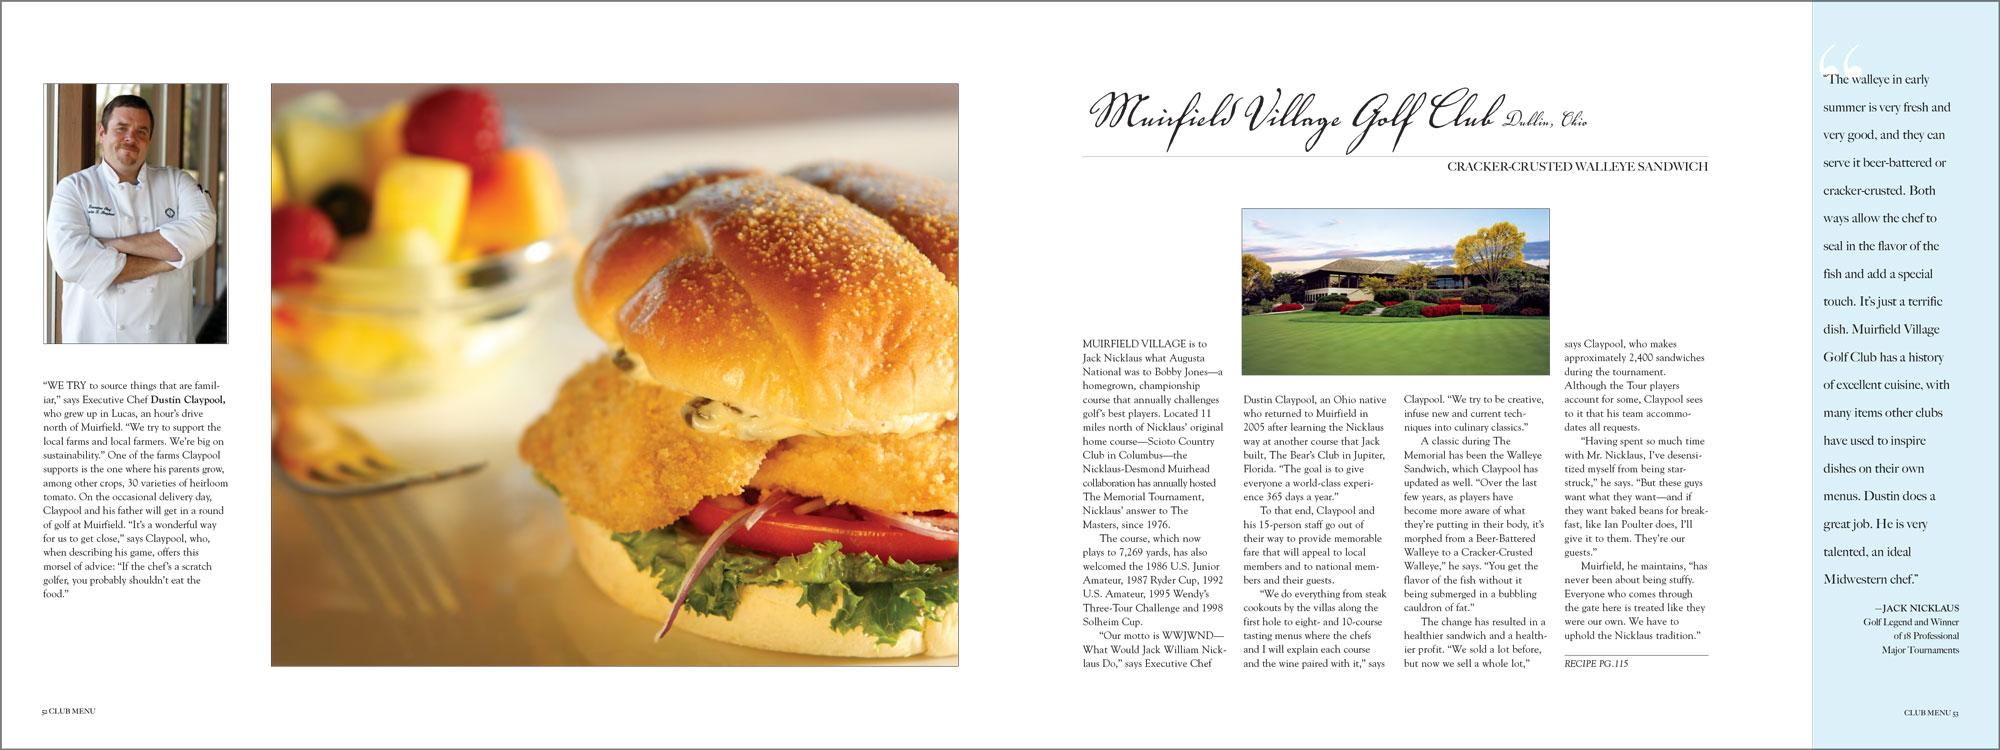 Muirfield Village Golf Club, Dublin, Ohio.